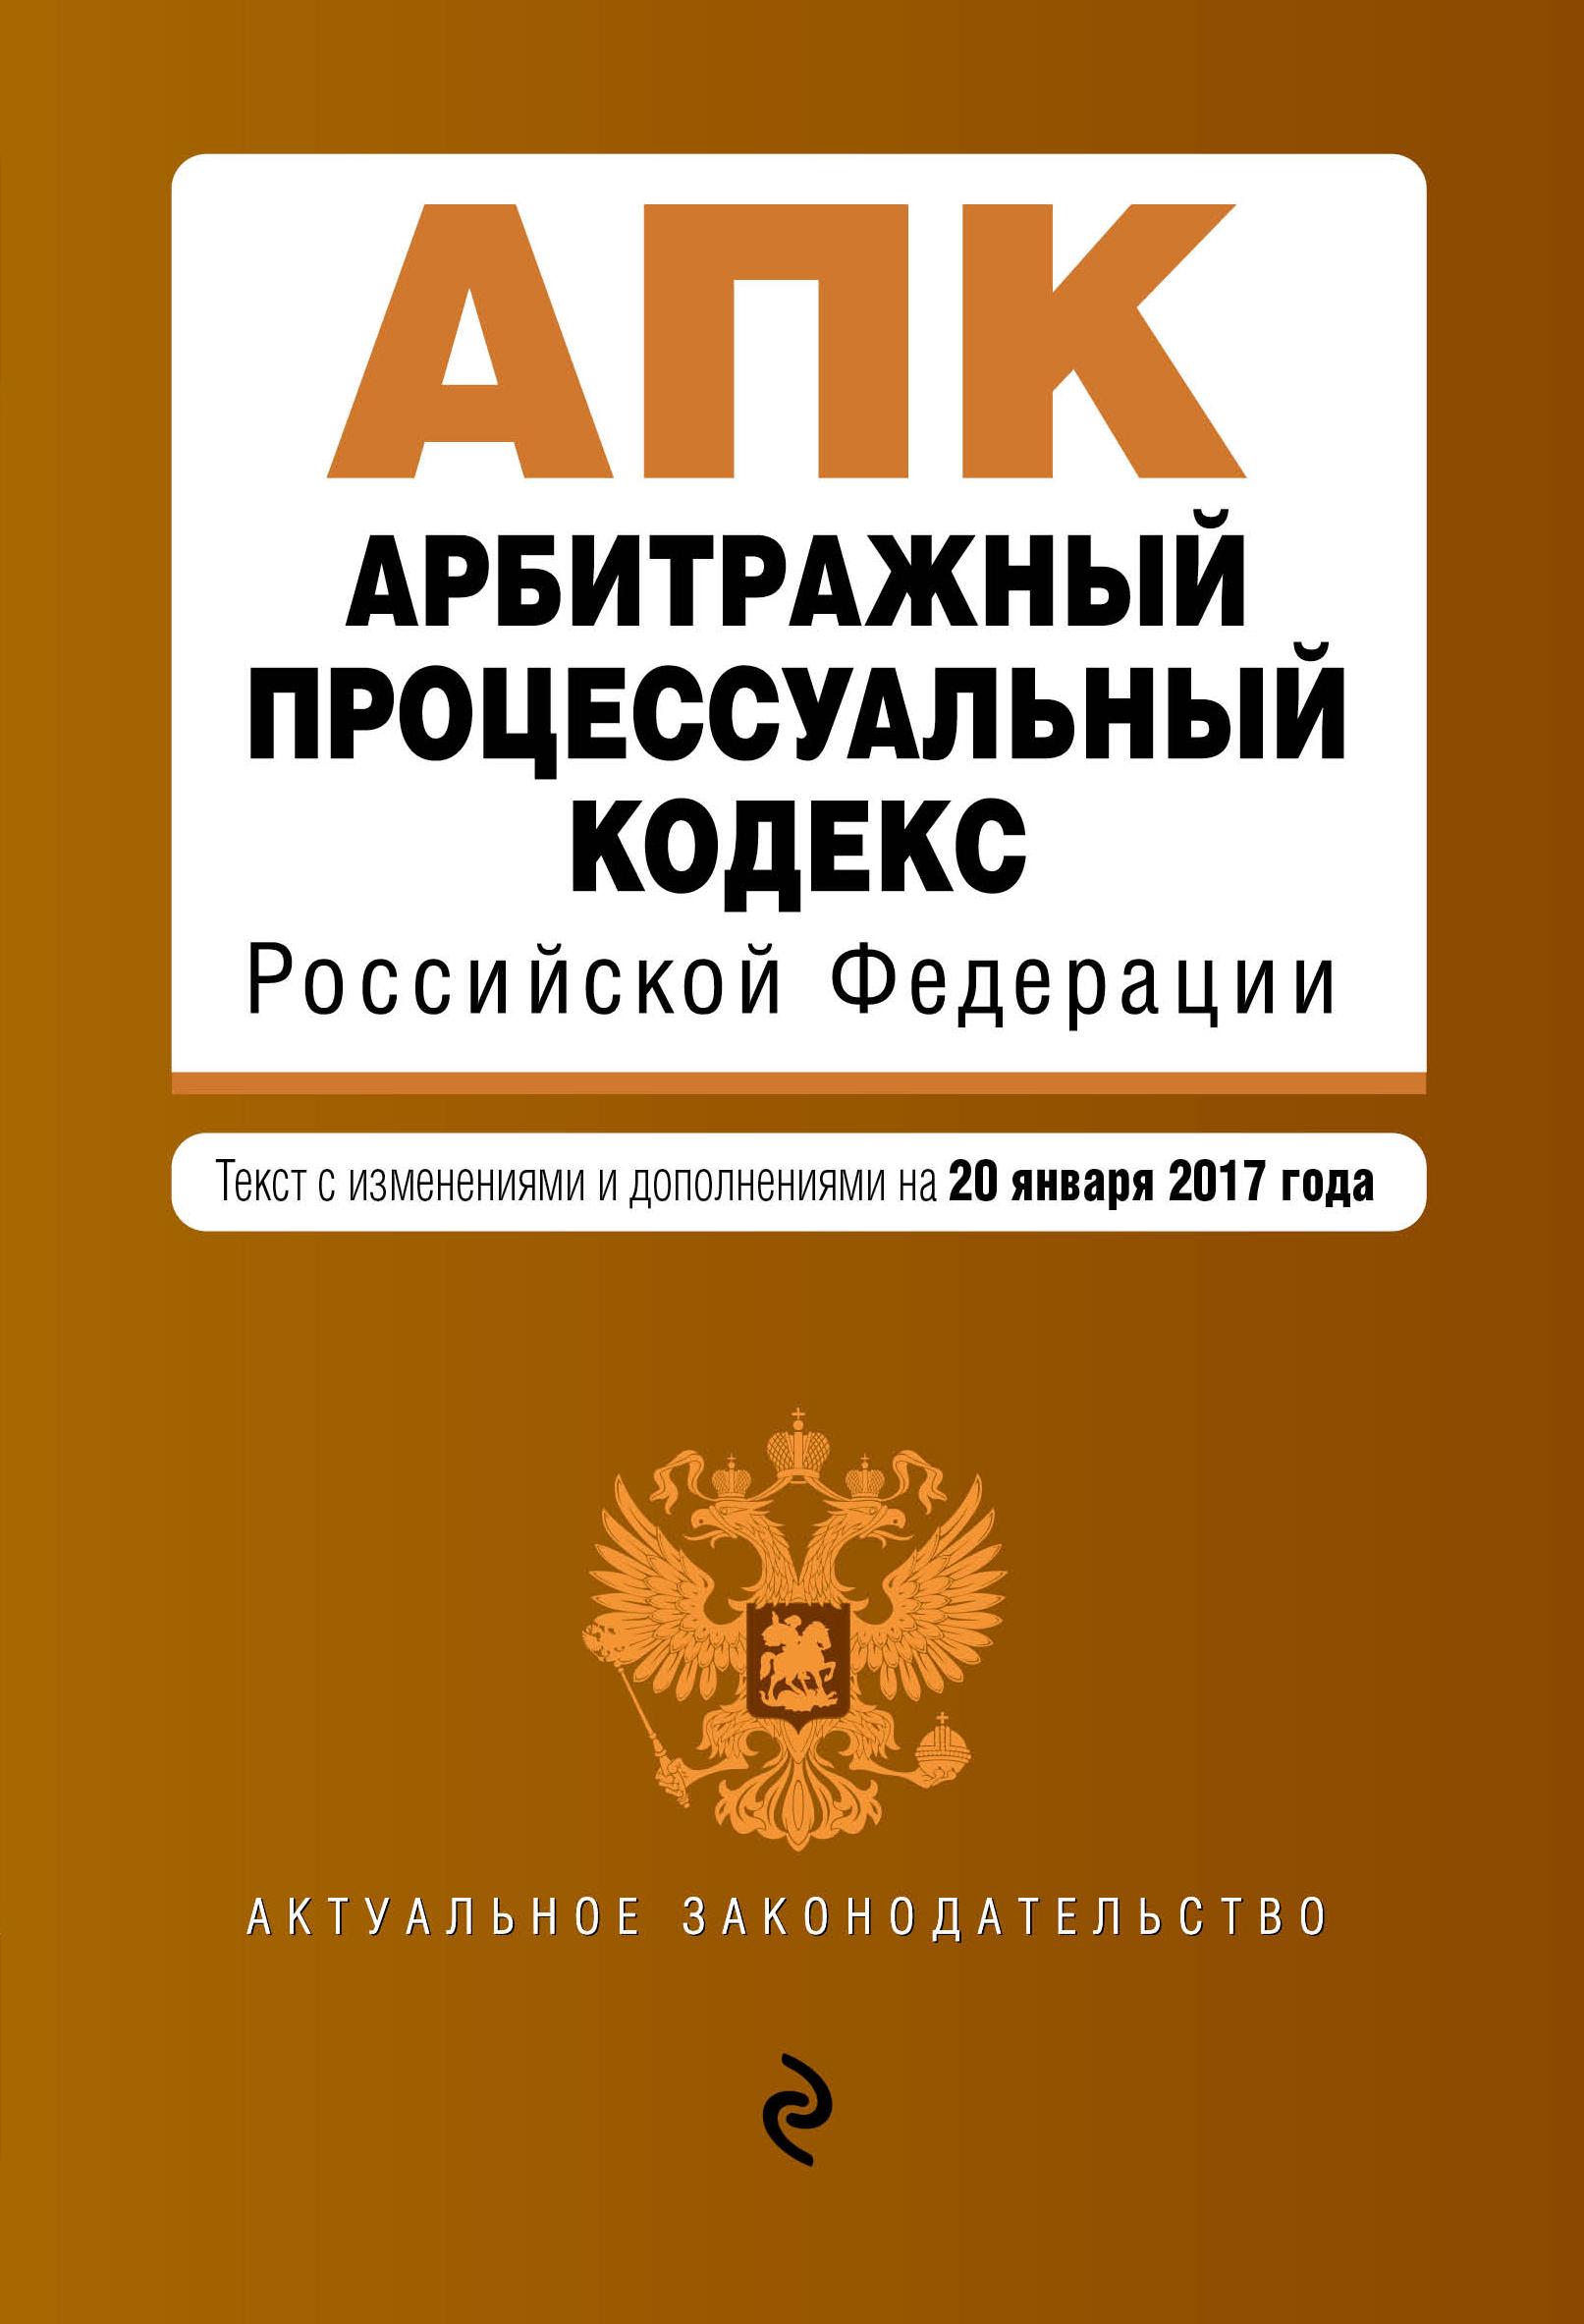 9785699952496 - Арбитражный процессуальный кодекс Российской Федерации - Книга